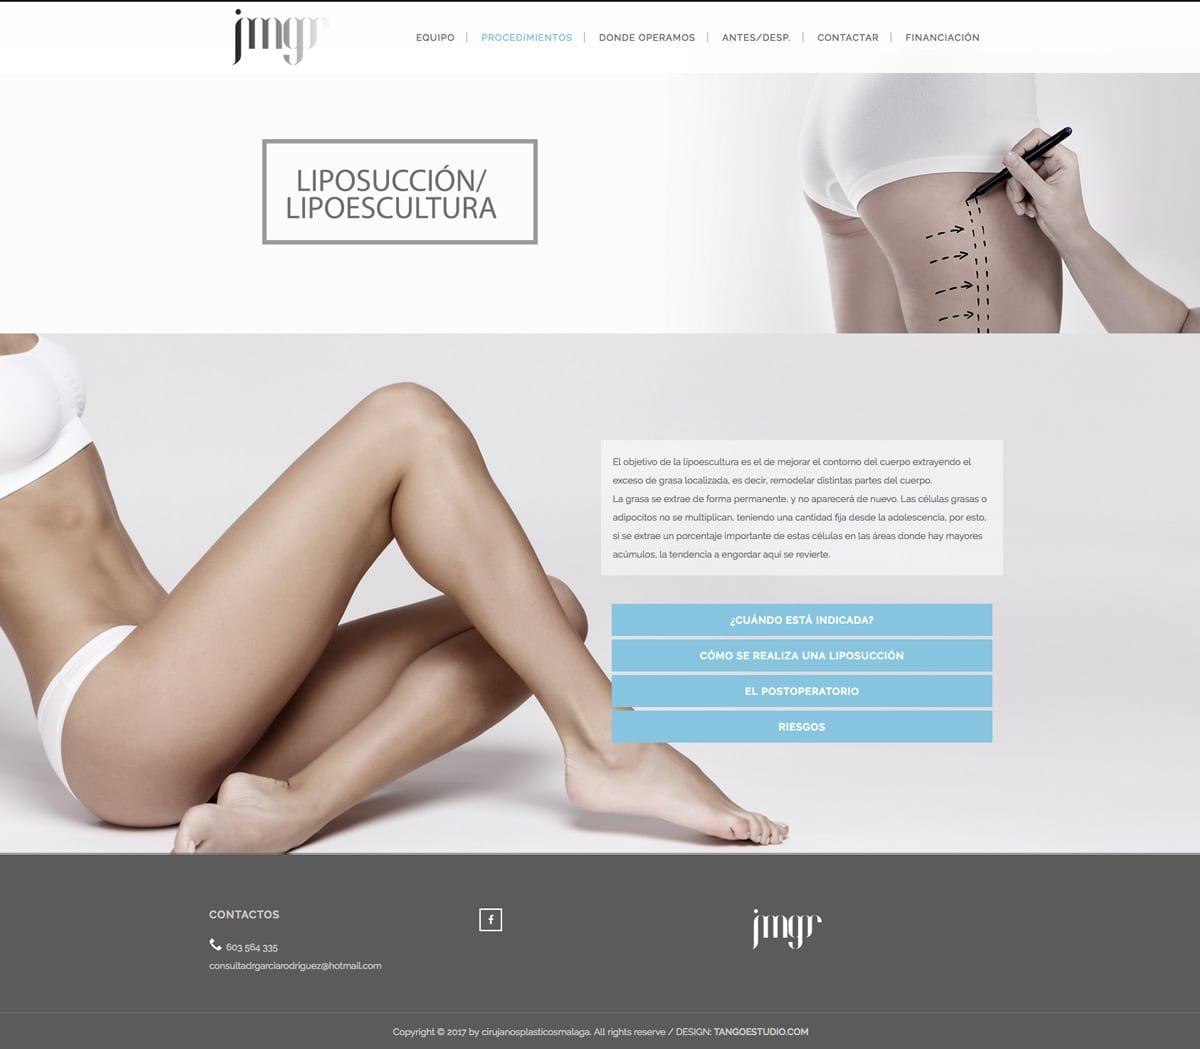 diseño web para cirujano plastico en malaga